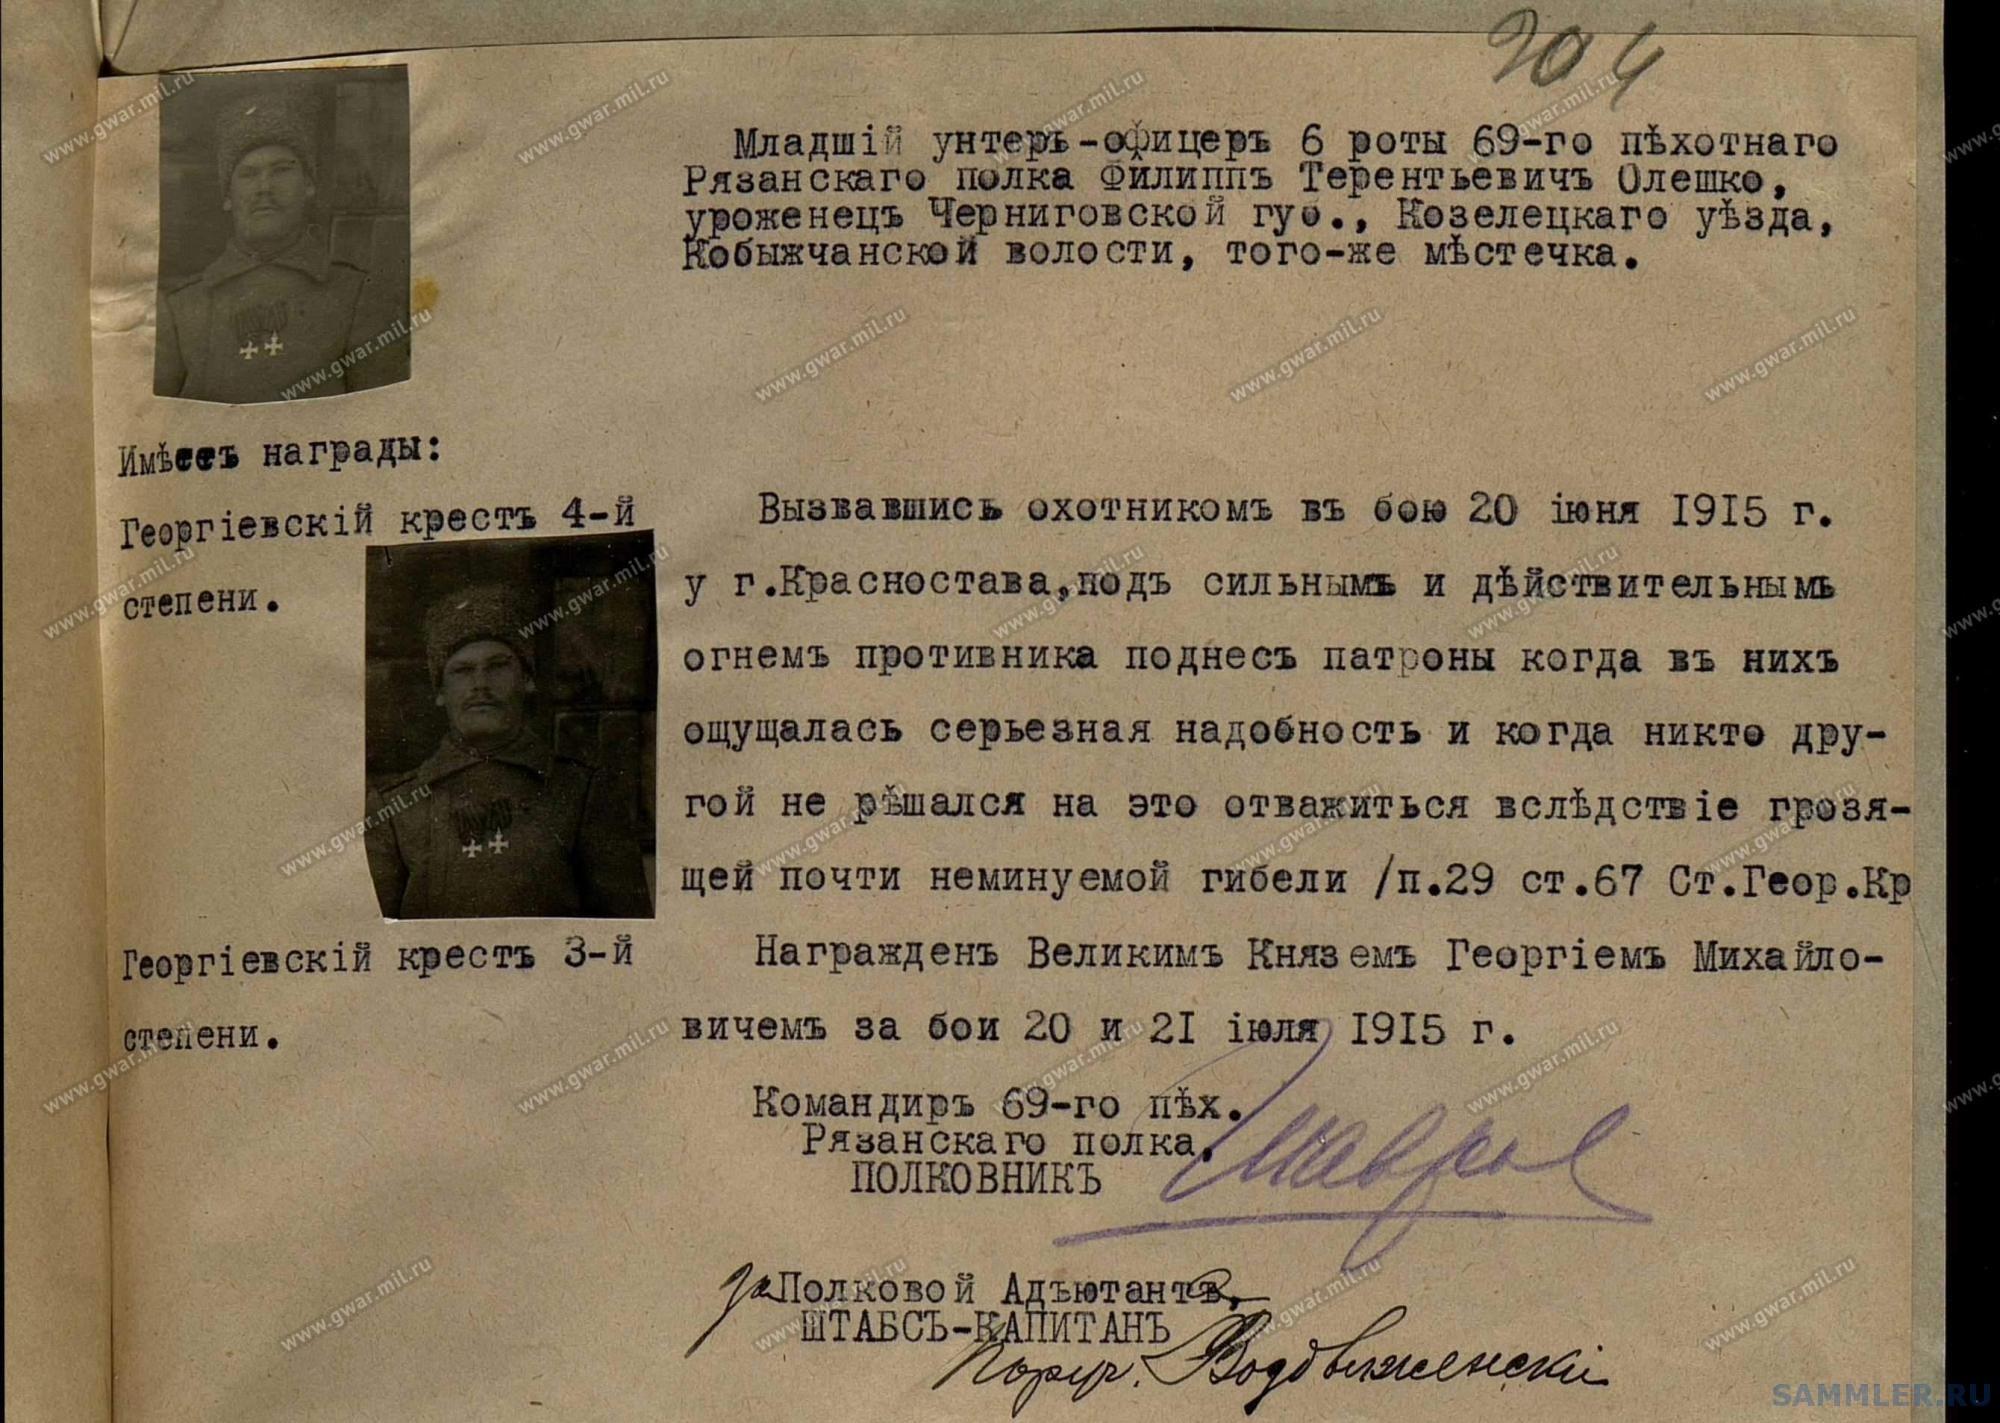 ! 69-й пех. Рязанский полк - 261_001.jpg